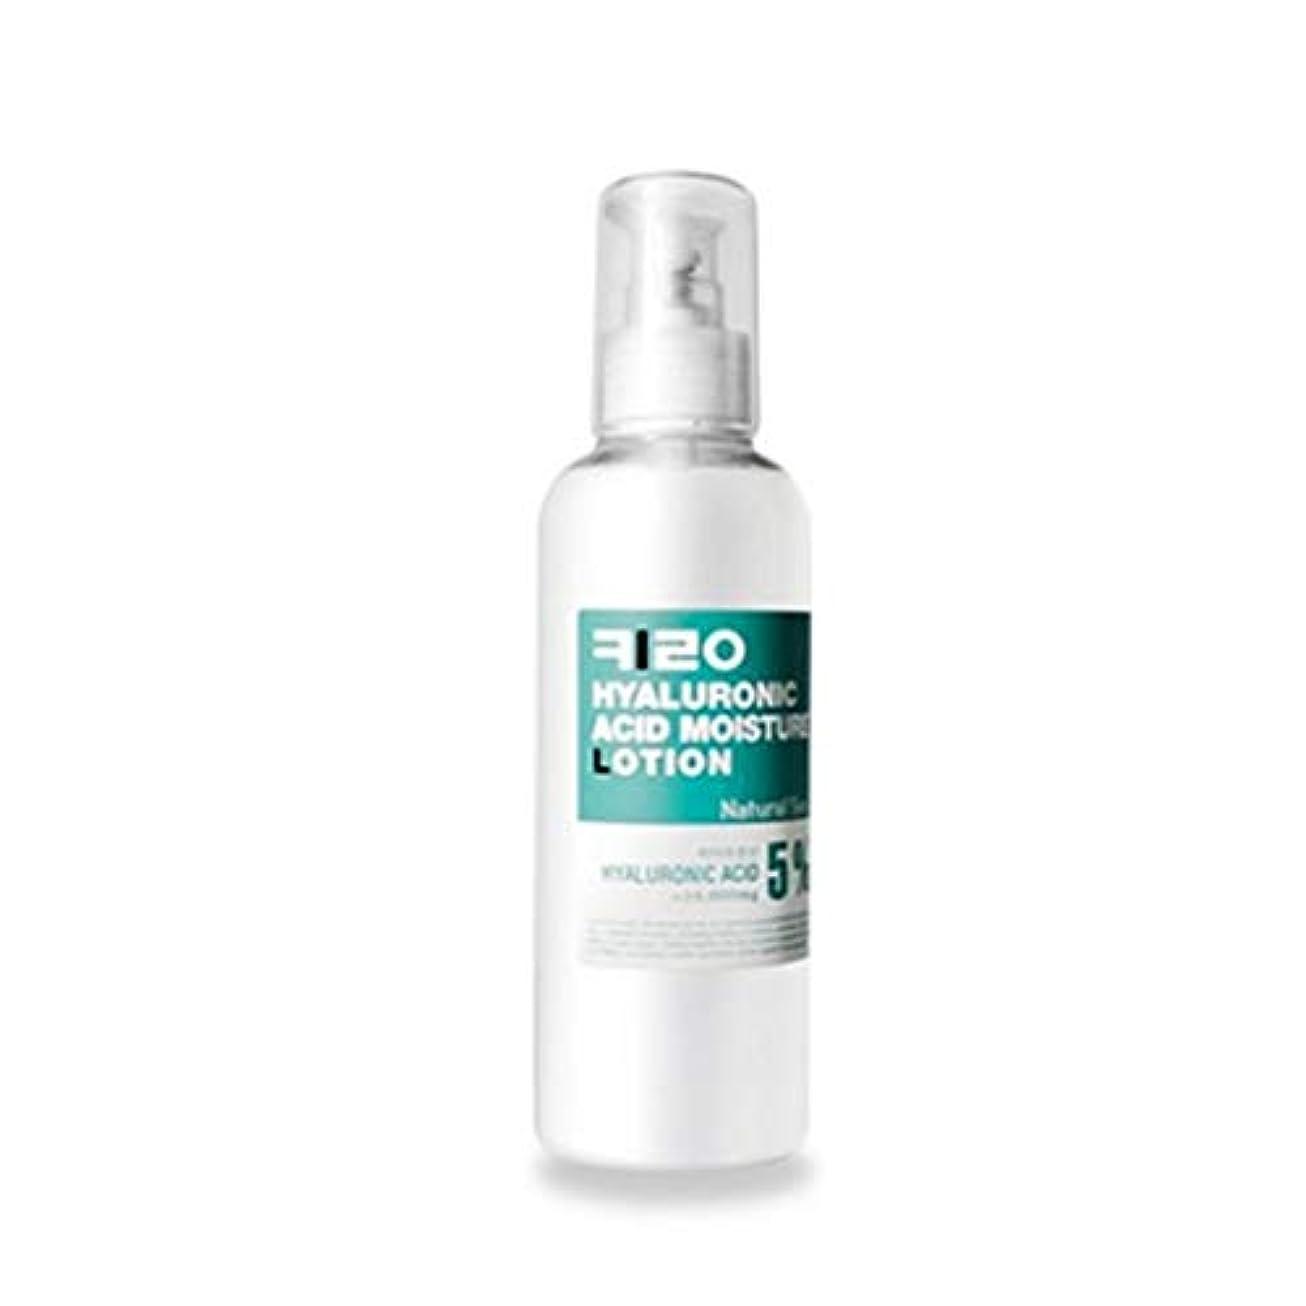 生産性ペアくしゃくしゃナチュラルSooキーロヒアルロン酸モイスチャーローション200g韓国コスメ、Natural Soo Hyaluronic Acid Moisture Lotion 200g Korean Cosmetics [並行輸入品]